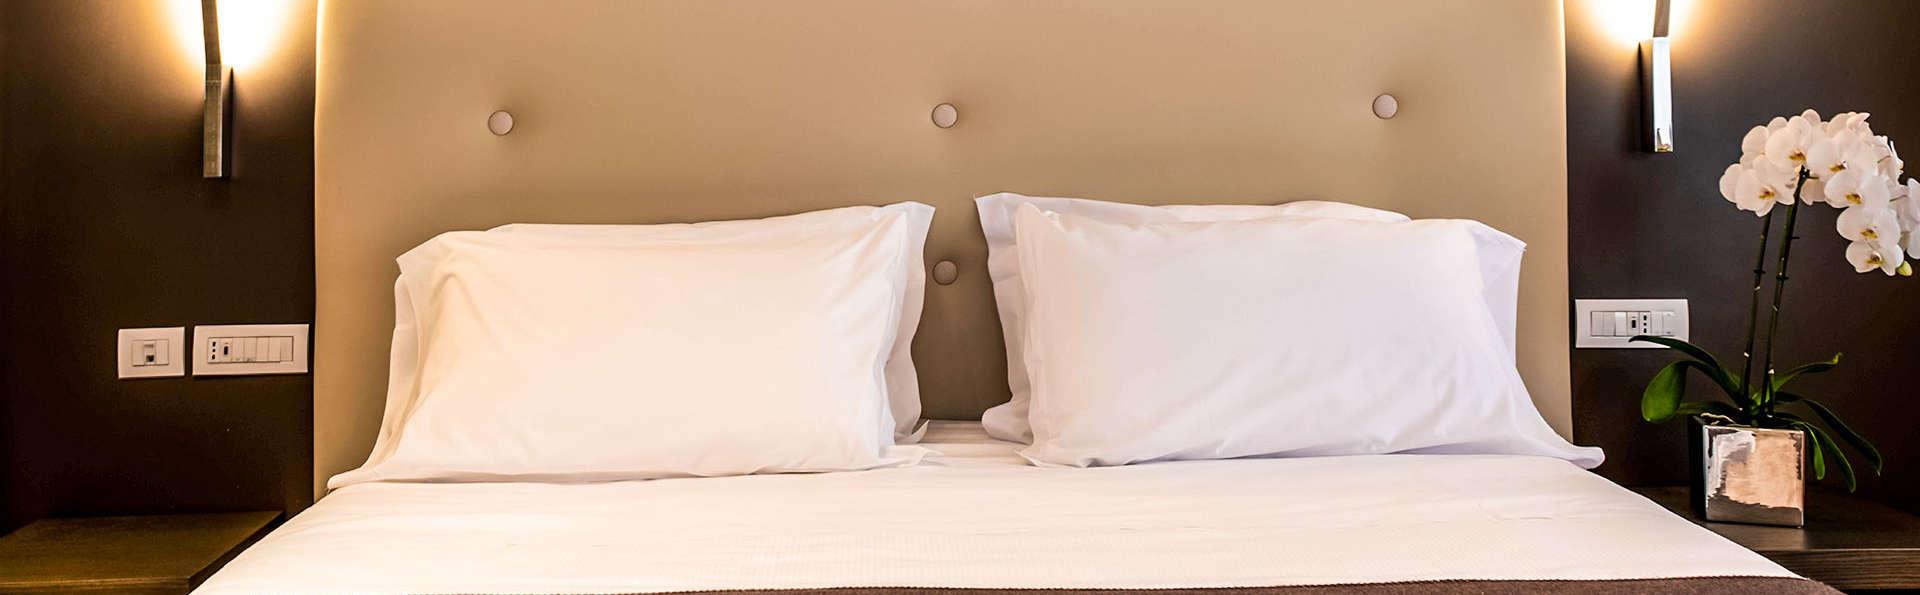 Confort aux portes de Milan, dans un hôtel 4 étoiles